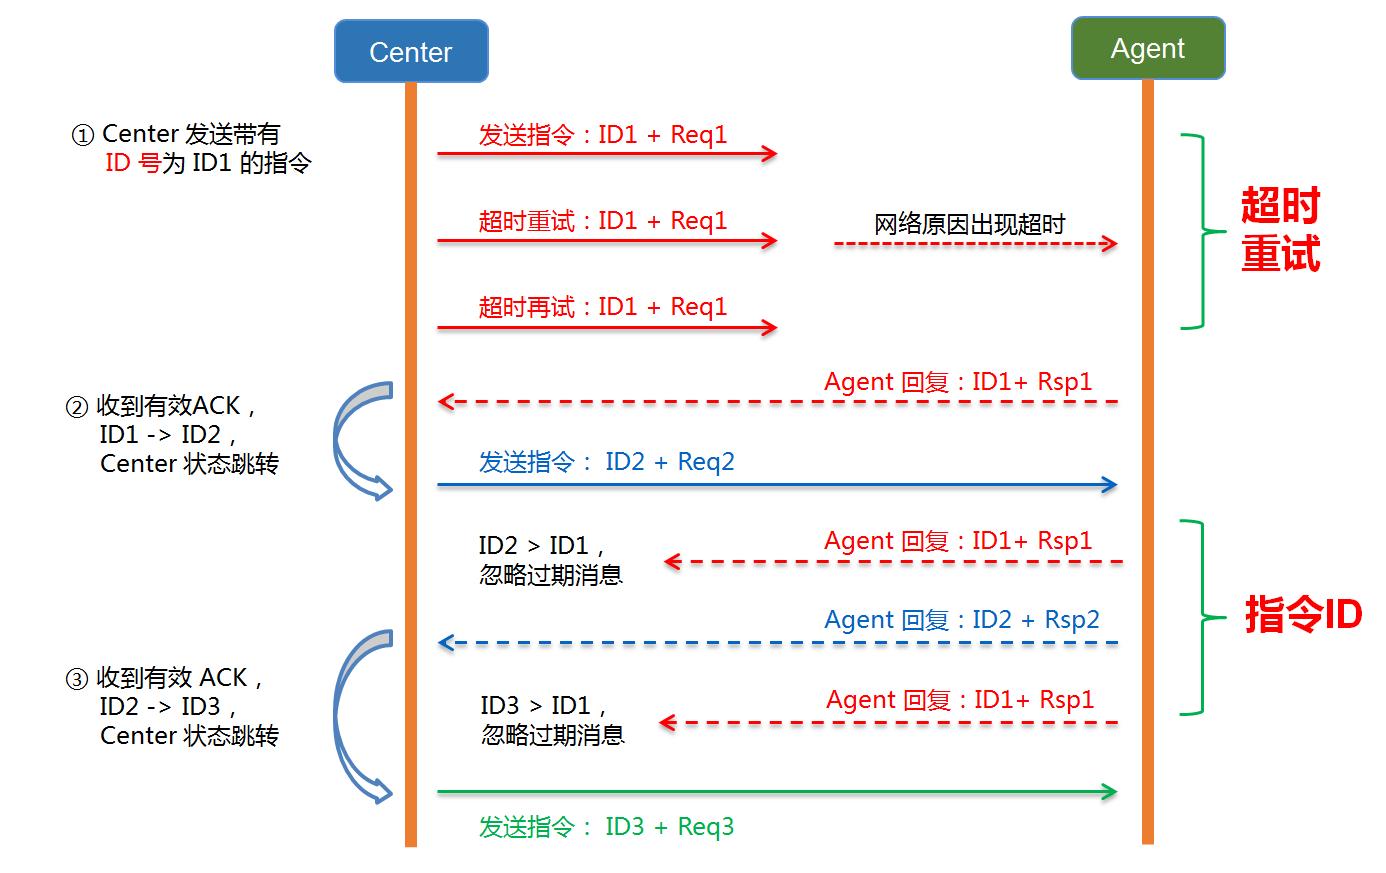 Tbase 灾备方案——超时重试 + 指令 ID